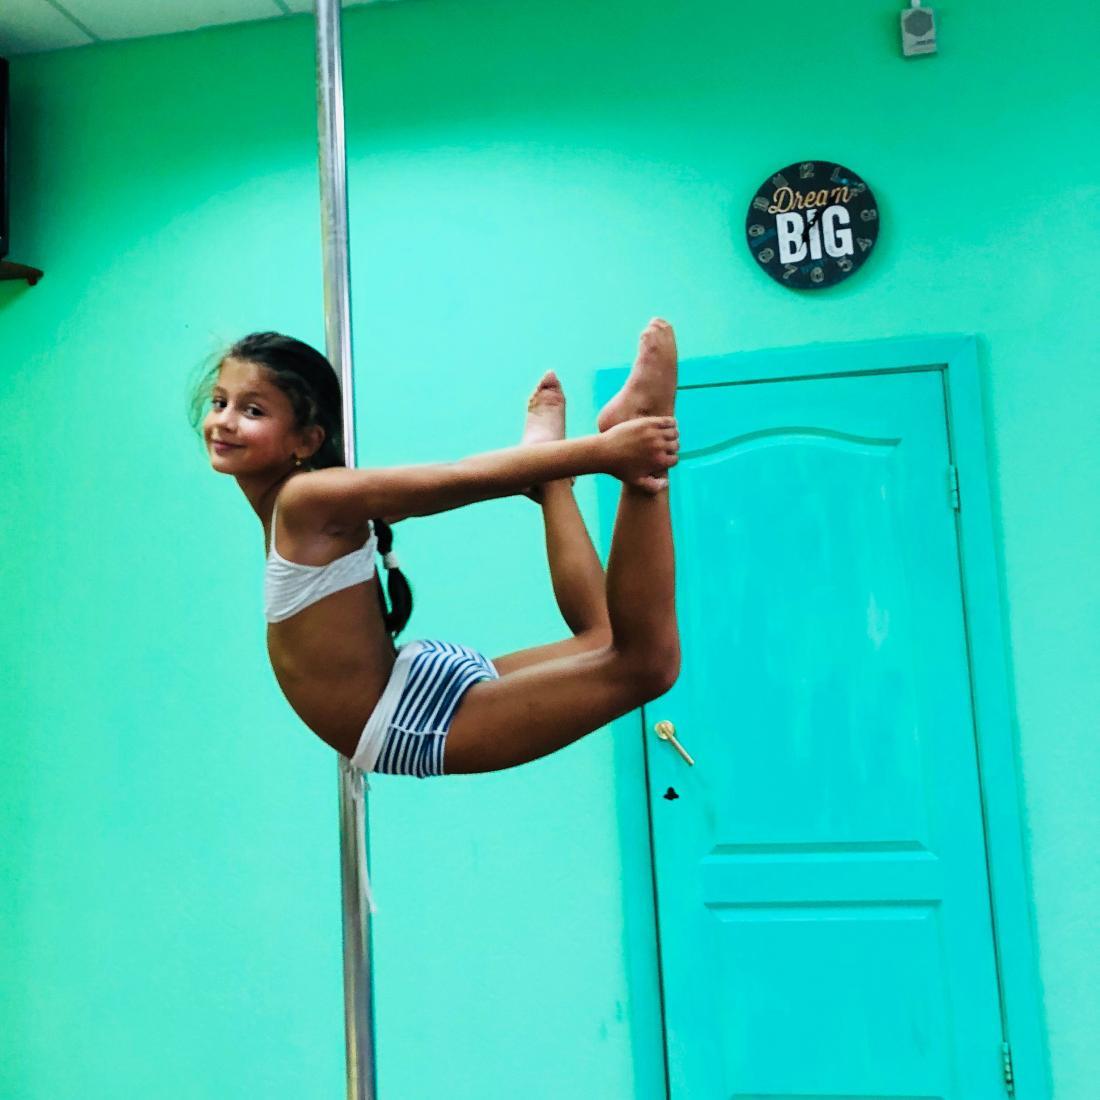 """Пробное занятие (0 руб), абонементы на """"Joy Fitness"""", """"Pole Kids"""" для детей, """"Pole dance"""", стретчинг от 5,54 руб/занятие"""